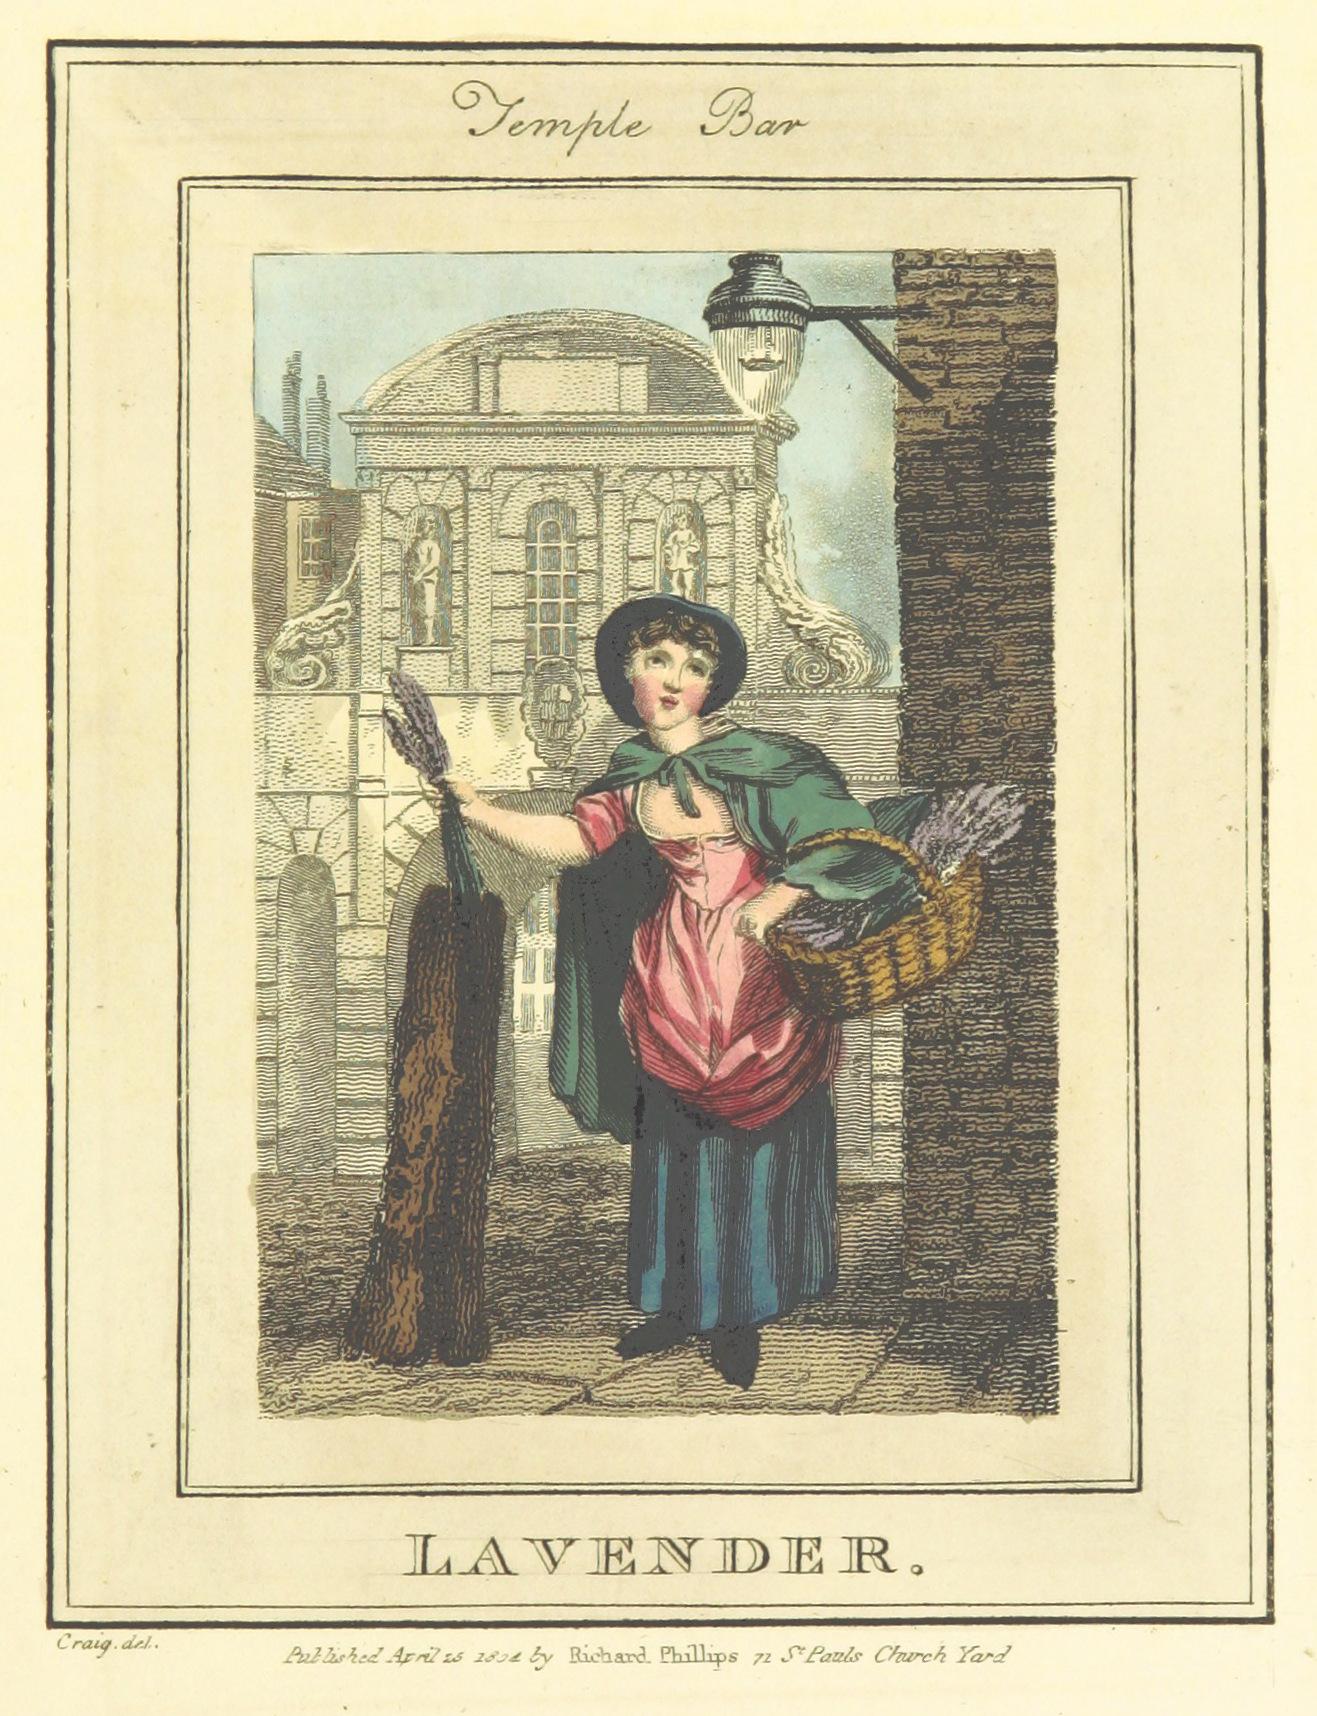 Phillips(1804)_p617_-_Temple_Bar_-_Lavender